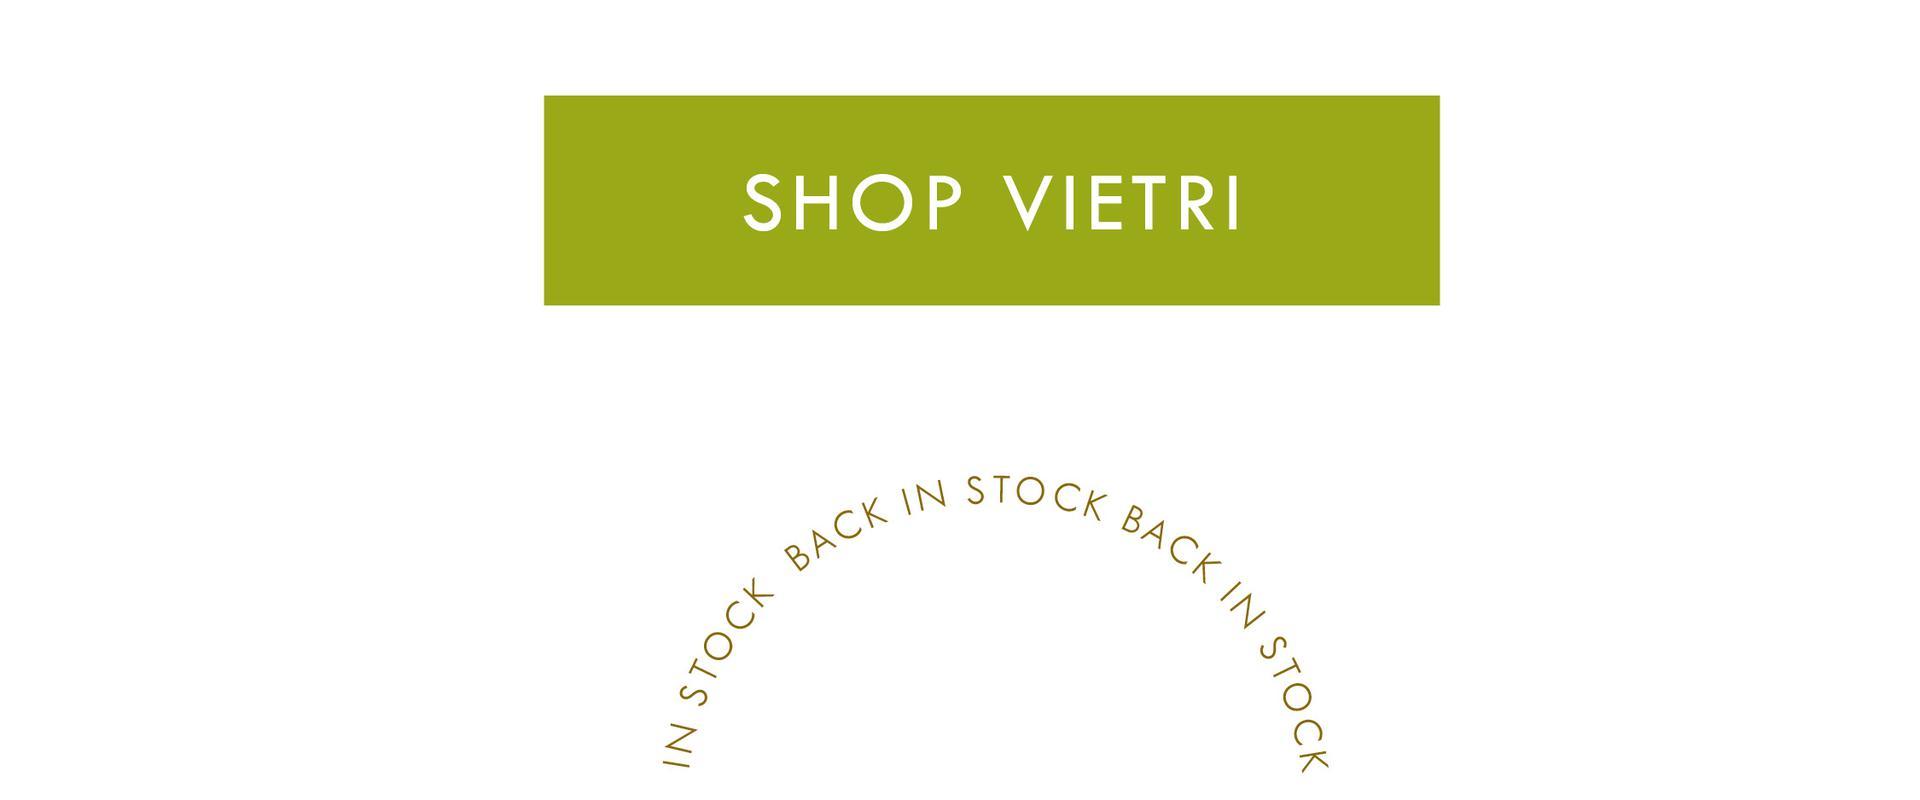 Shop All Vietri!